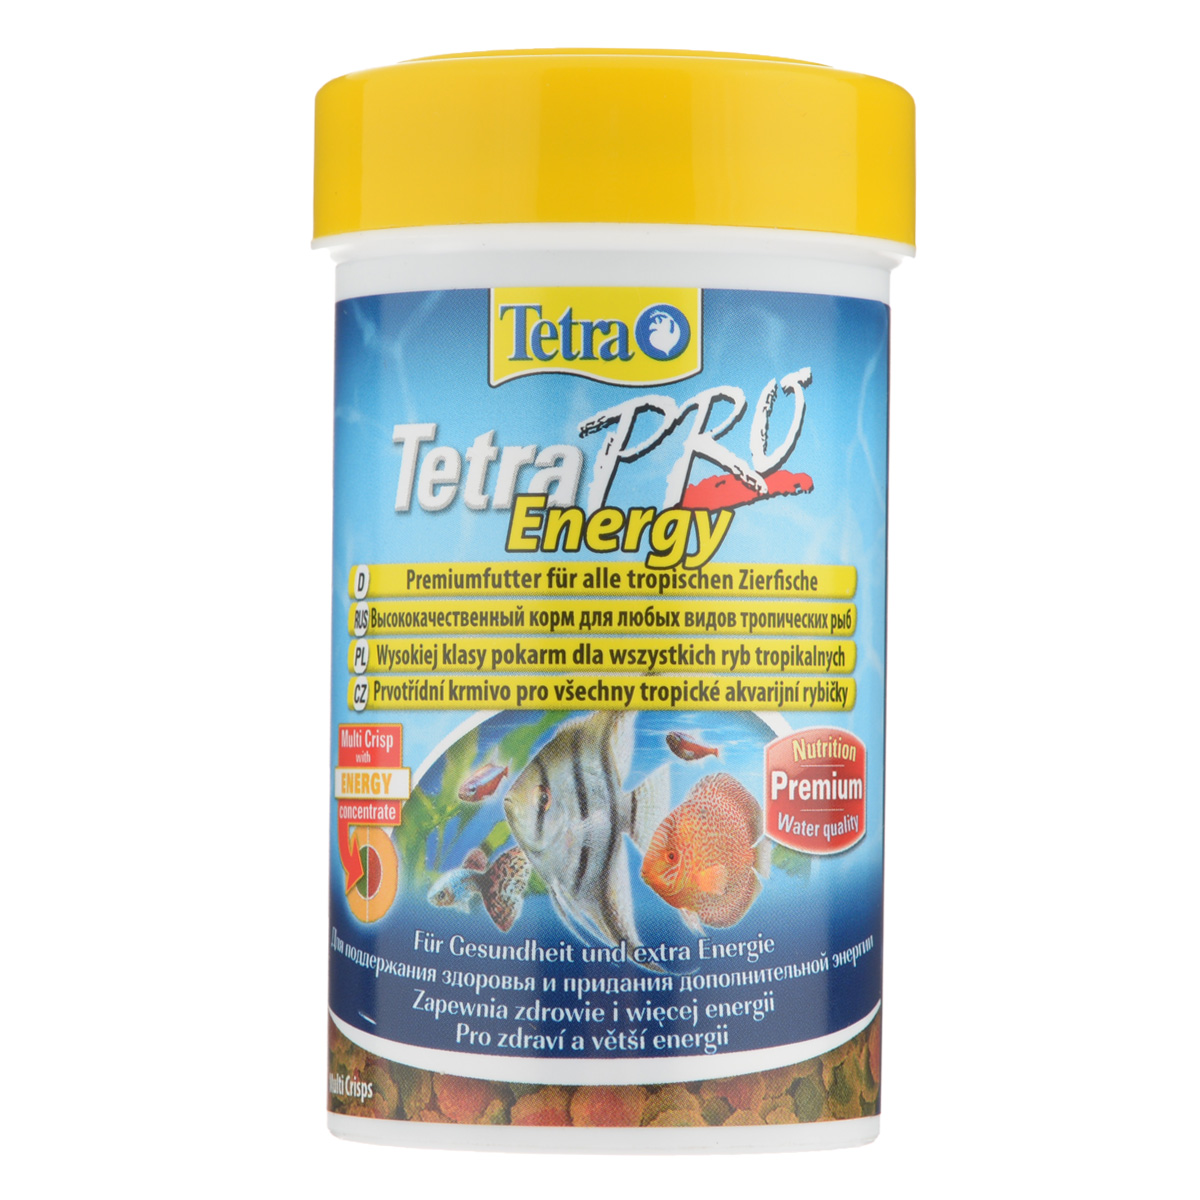 Корм сухой TetraPro Energy для всех видов тропических рыб, в виде чипсов, 250 мл141742Полноценный высококачественный корм Tetra TetraPro. Energy для всех видов тропических рыб разработан для поддержания здоровья и придания дополнительной энергии. Особенности Tetra TetraPro. Energy:- щадящая низкотемпературная технология изготовления обеспечивает высокую питательную ценность и стабильность витаминов;- энергетический концентрат для дополнительной энергии;- инновационная форма чипсов для минимального загрязнения воды отходами; - легкое кормление. Рекомендации по кормлению: кормить несколько раз в день маленькими порциями. Состав: рыба и побочные рыбные продукты, зерновые культуры, экстракты растительного белка, дрожжи, моллюски и раки, масла и жиры, водоросли, сахар.Аналитические компоненты: сырой белок - 46%, сырые масла и жиры - 12%, сырая клетчатка - 2,0%, влага - 9%.Добавки: витамины, провитамины и химические вещества с аналогичным воздействием: витамин А 29880 МЕ/кг, витамин Д3 1865 МЕ/кг, Л-карнитин 123 мг/кг. Комбинации элементов: Е5 Марганец 67 мг/кг, Е6 Цинк 40 мг/кг, Е1 Железо 26 мг/кг, Е3 Кобальт 0,6 мг/кг. Красители, консерванты, антиоксиданты. Товар сертифицирован.